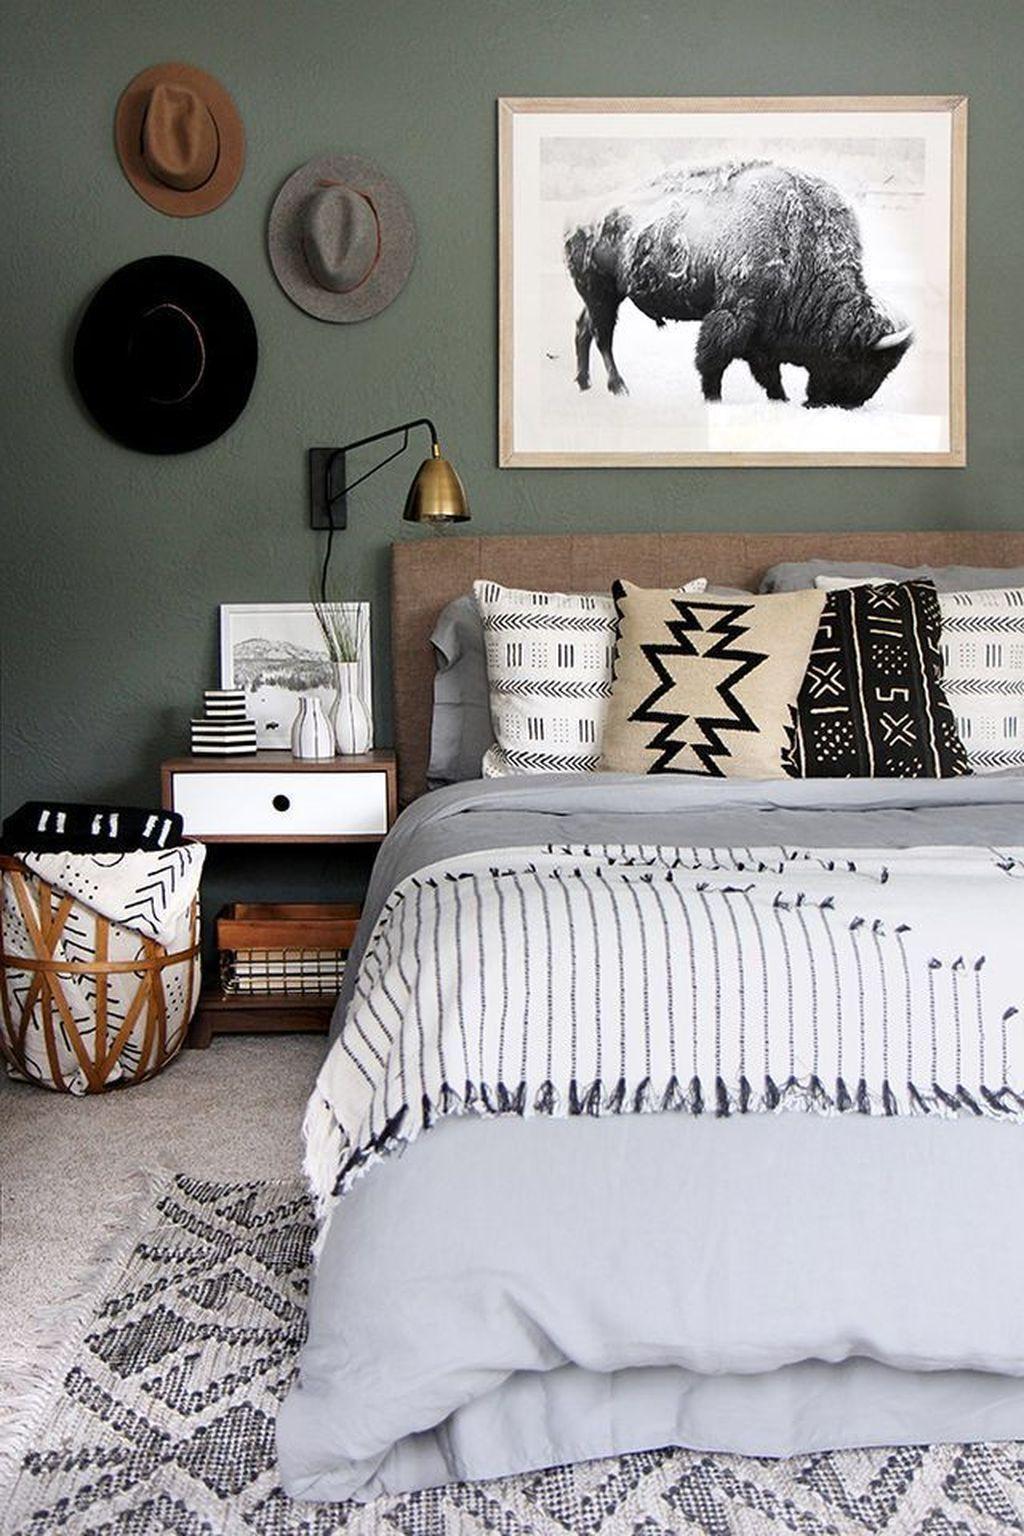 Master bedroom green paint ideas   Popular Small Master Bedroom Makeover Ideas  Bedroom Ideas